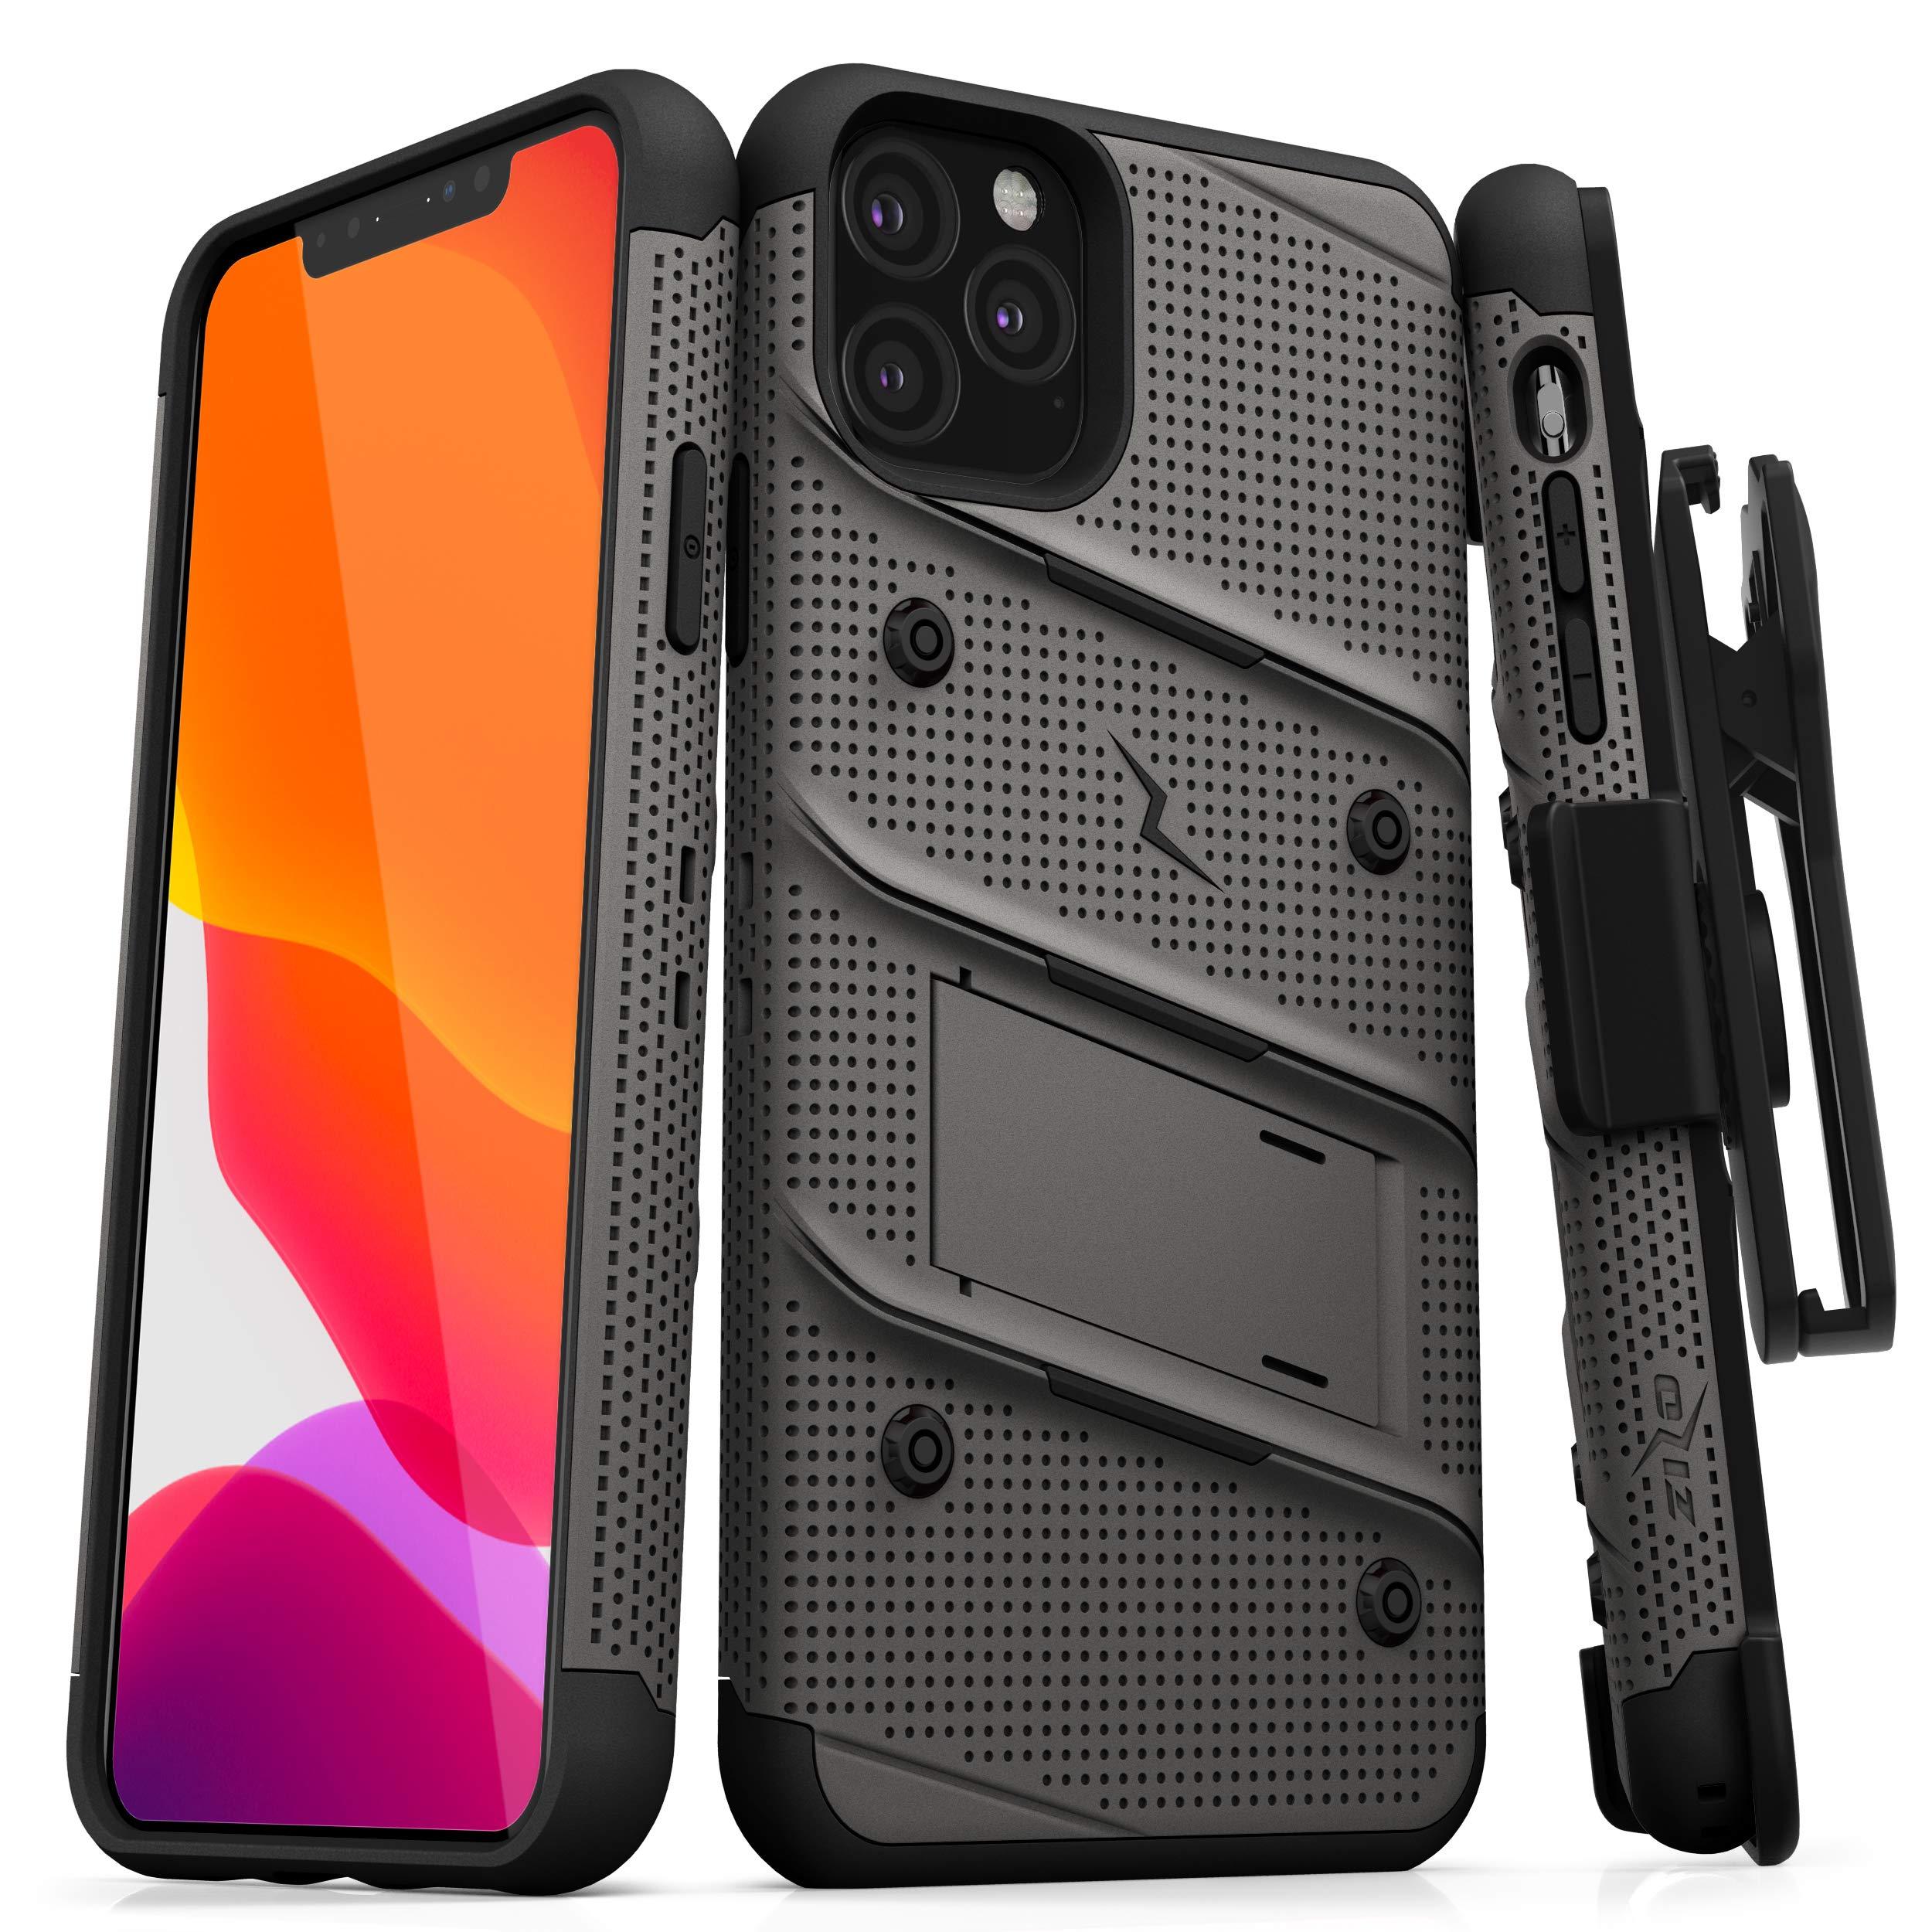 Funda + Vidrio Iphone 11 Pro Max Con Pie ZIZO [7X8SM1Z3]